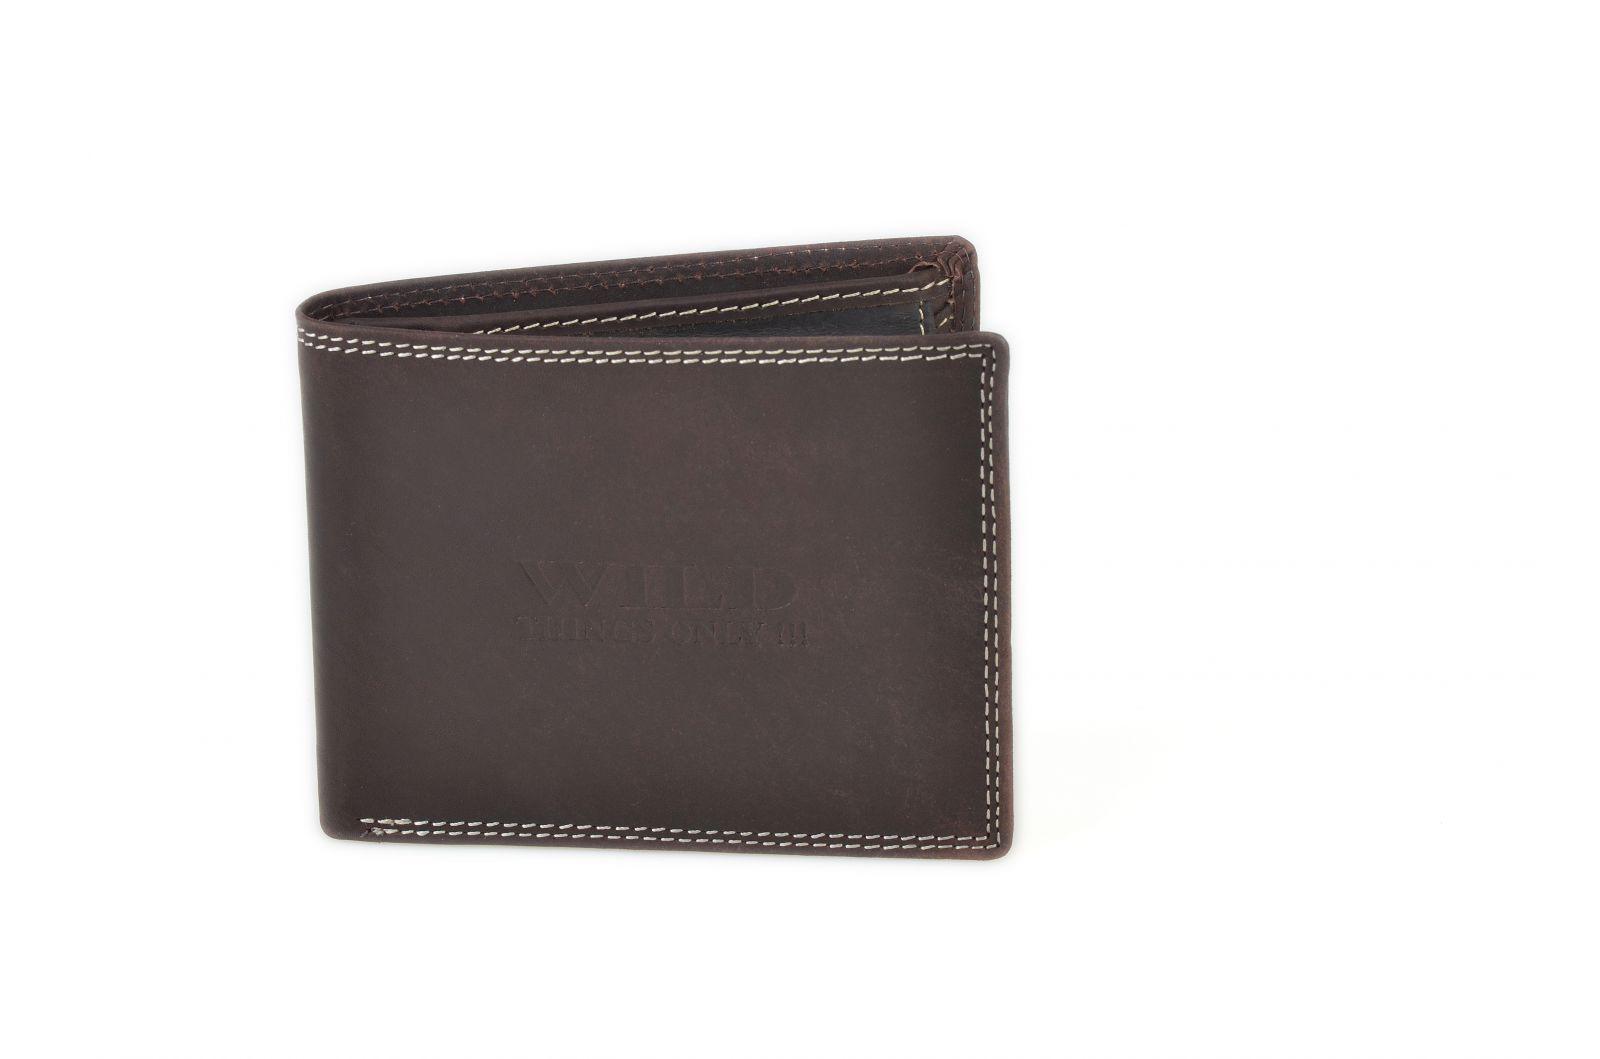 Pánská peněženka z broušené kůže WILD 966 hnědá